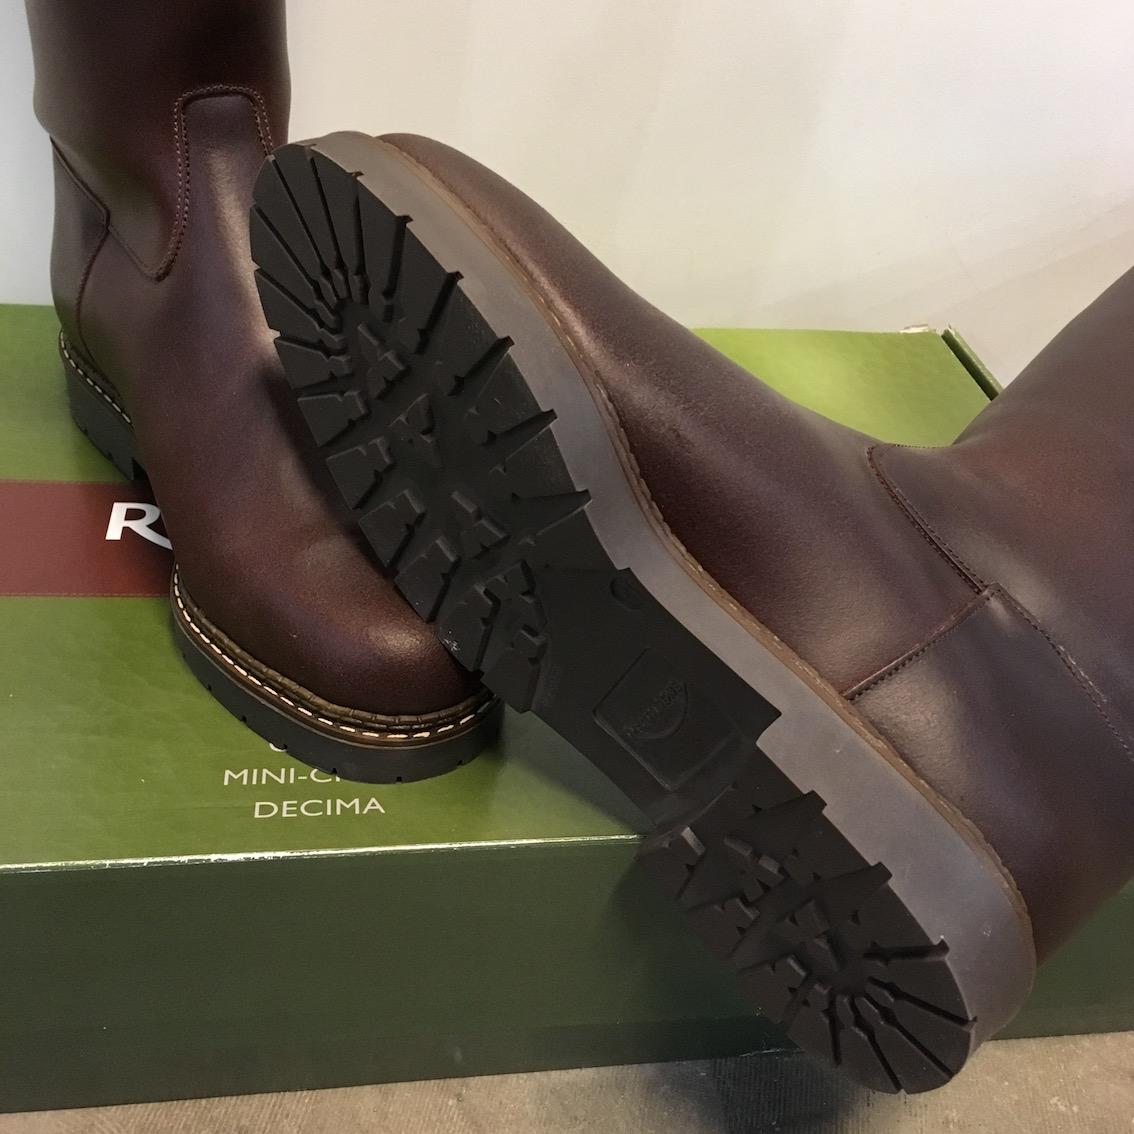 Laarzen Rectiligne Grenoble | Nieuw | Bruin | Maat 41 kuit 38,5